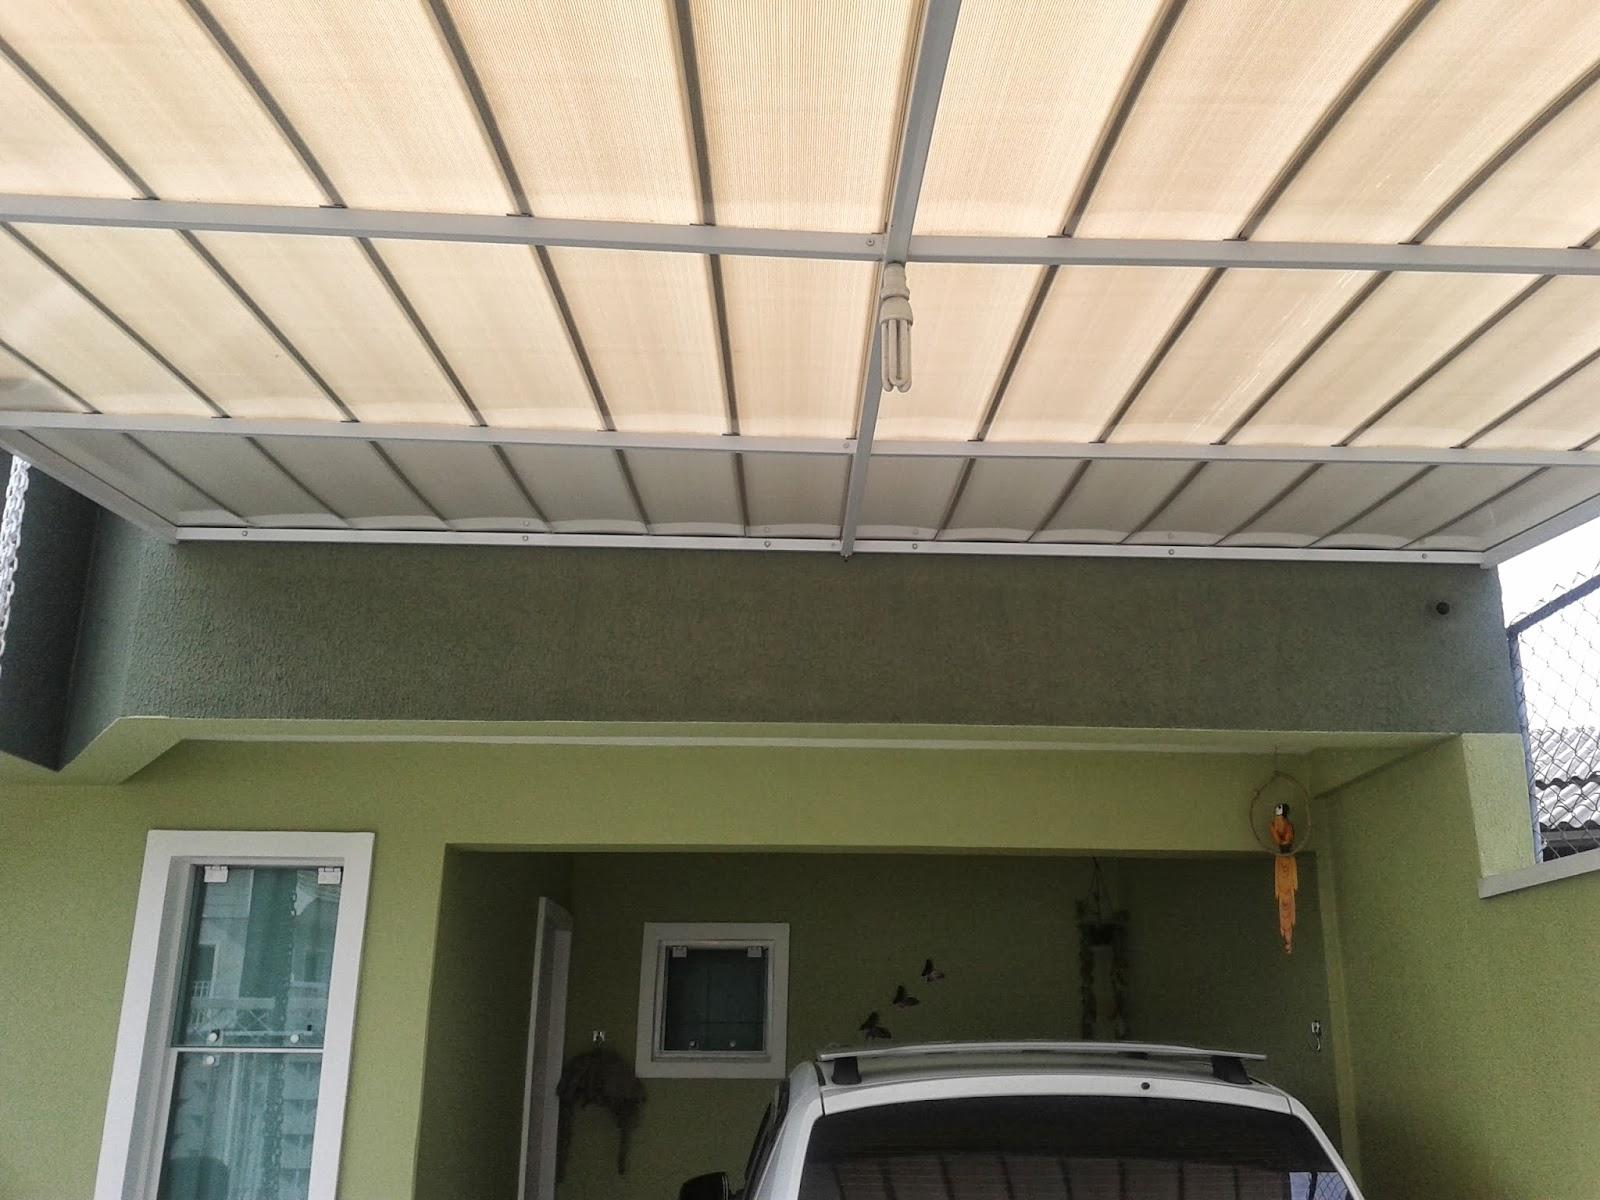 Muitas vezes Policarbonato - Polysolution: Cobertura de Garagem com  HW47